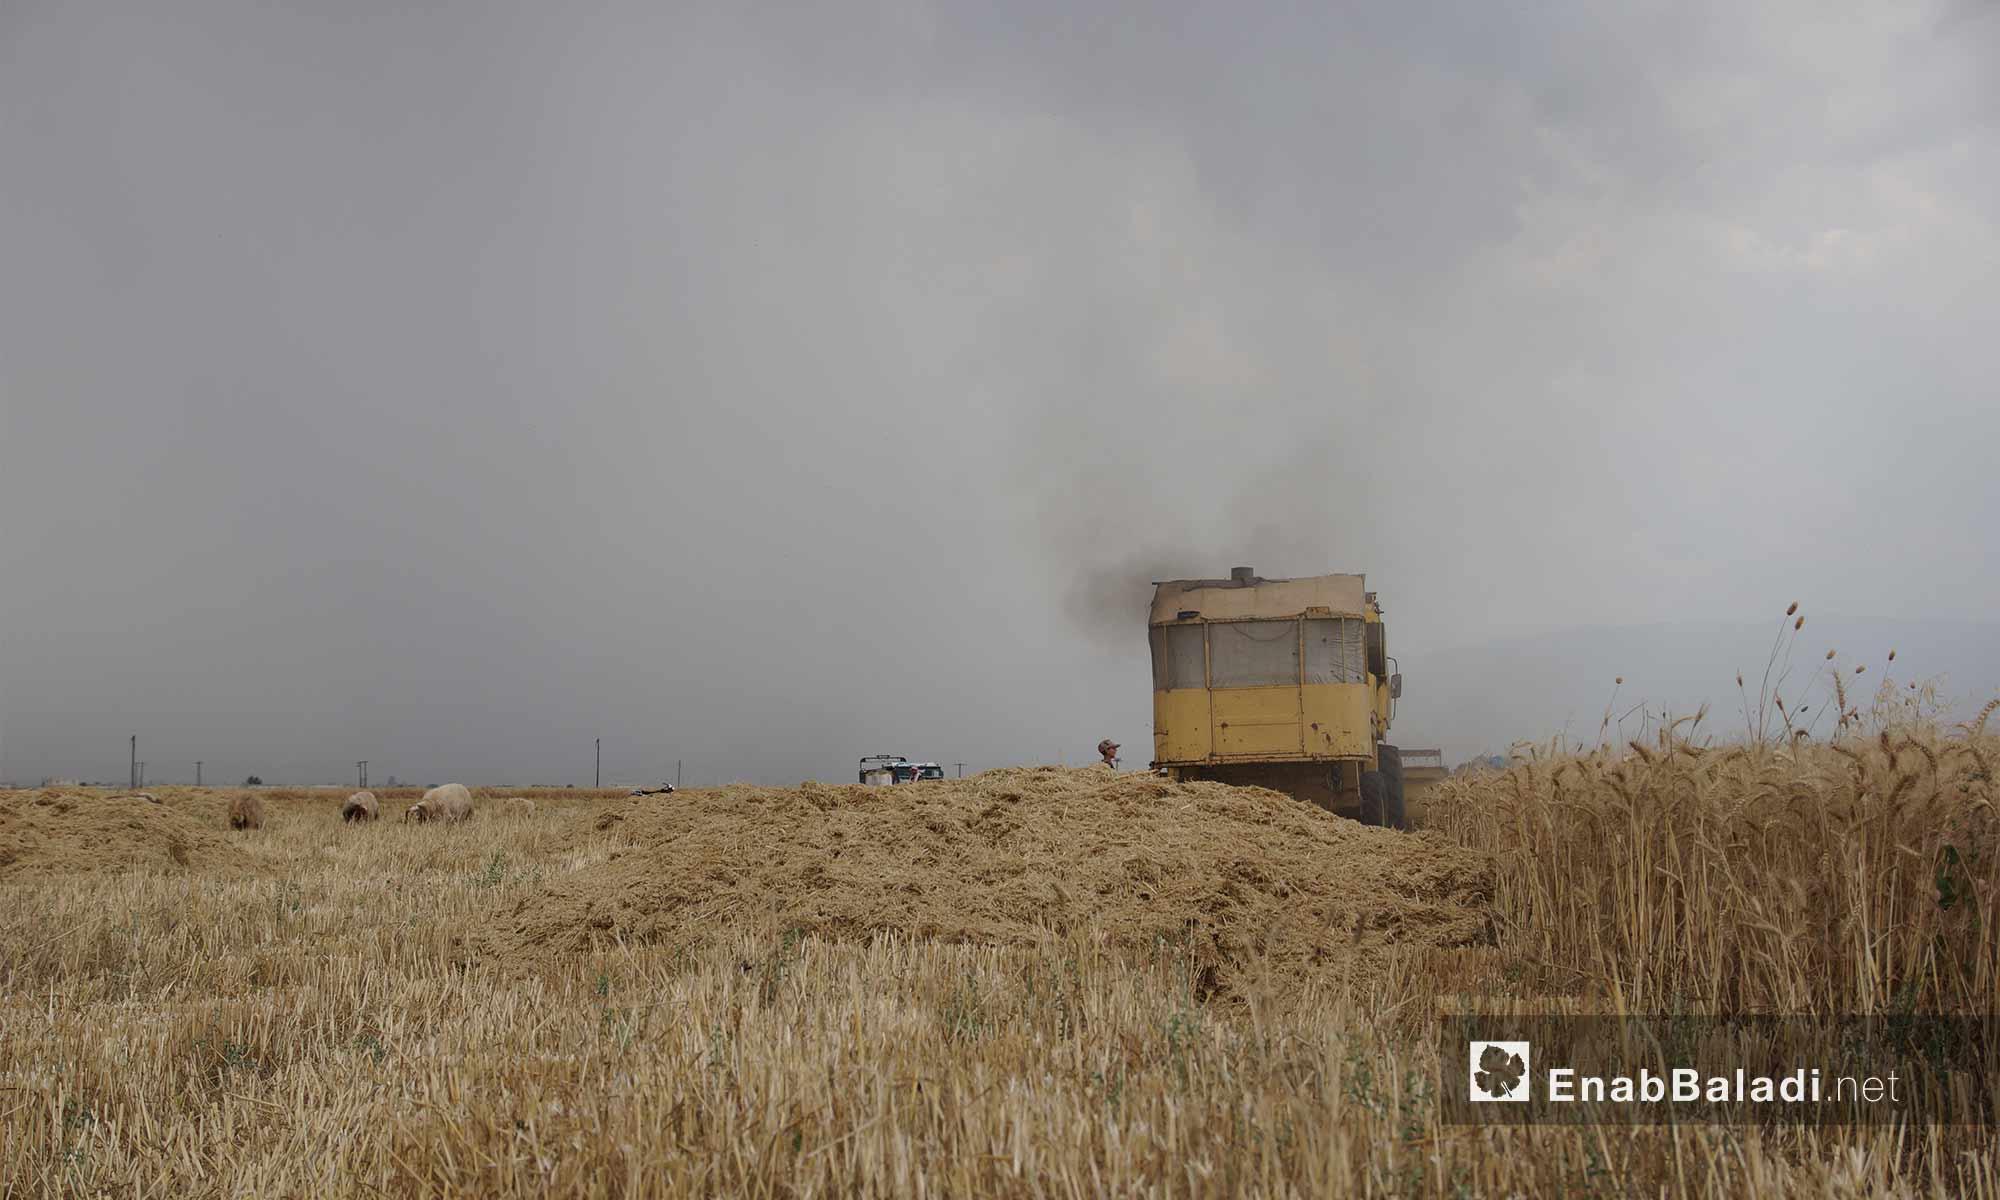 حصاد القمح في سهل الغاب بريف حماة - 29 أيار 2018 (عنب بلدي)